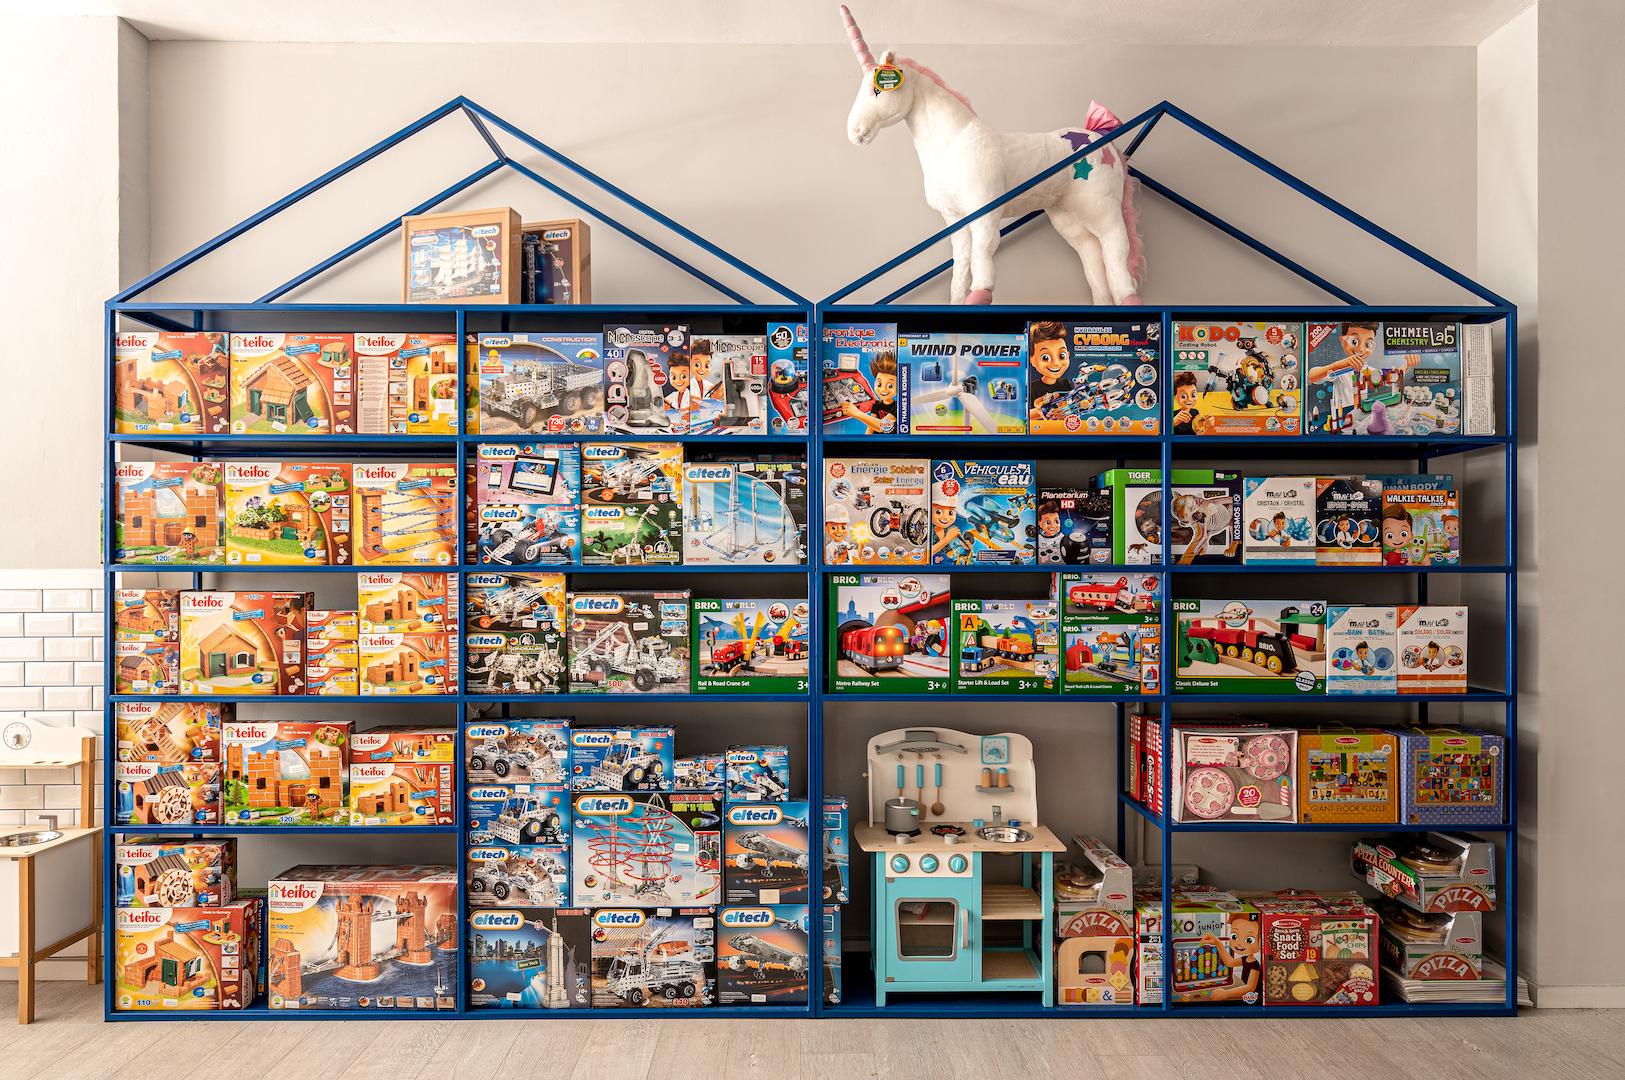 We Toys. עיצוב: סטודיו אינטו. צילום: תמיר רוגובסקי